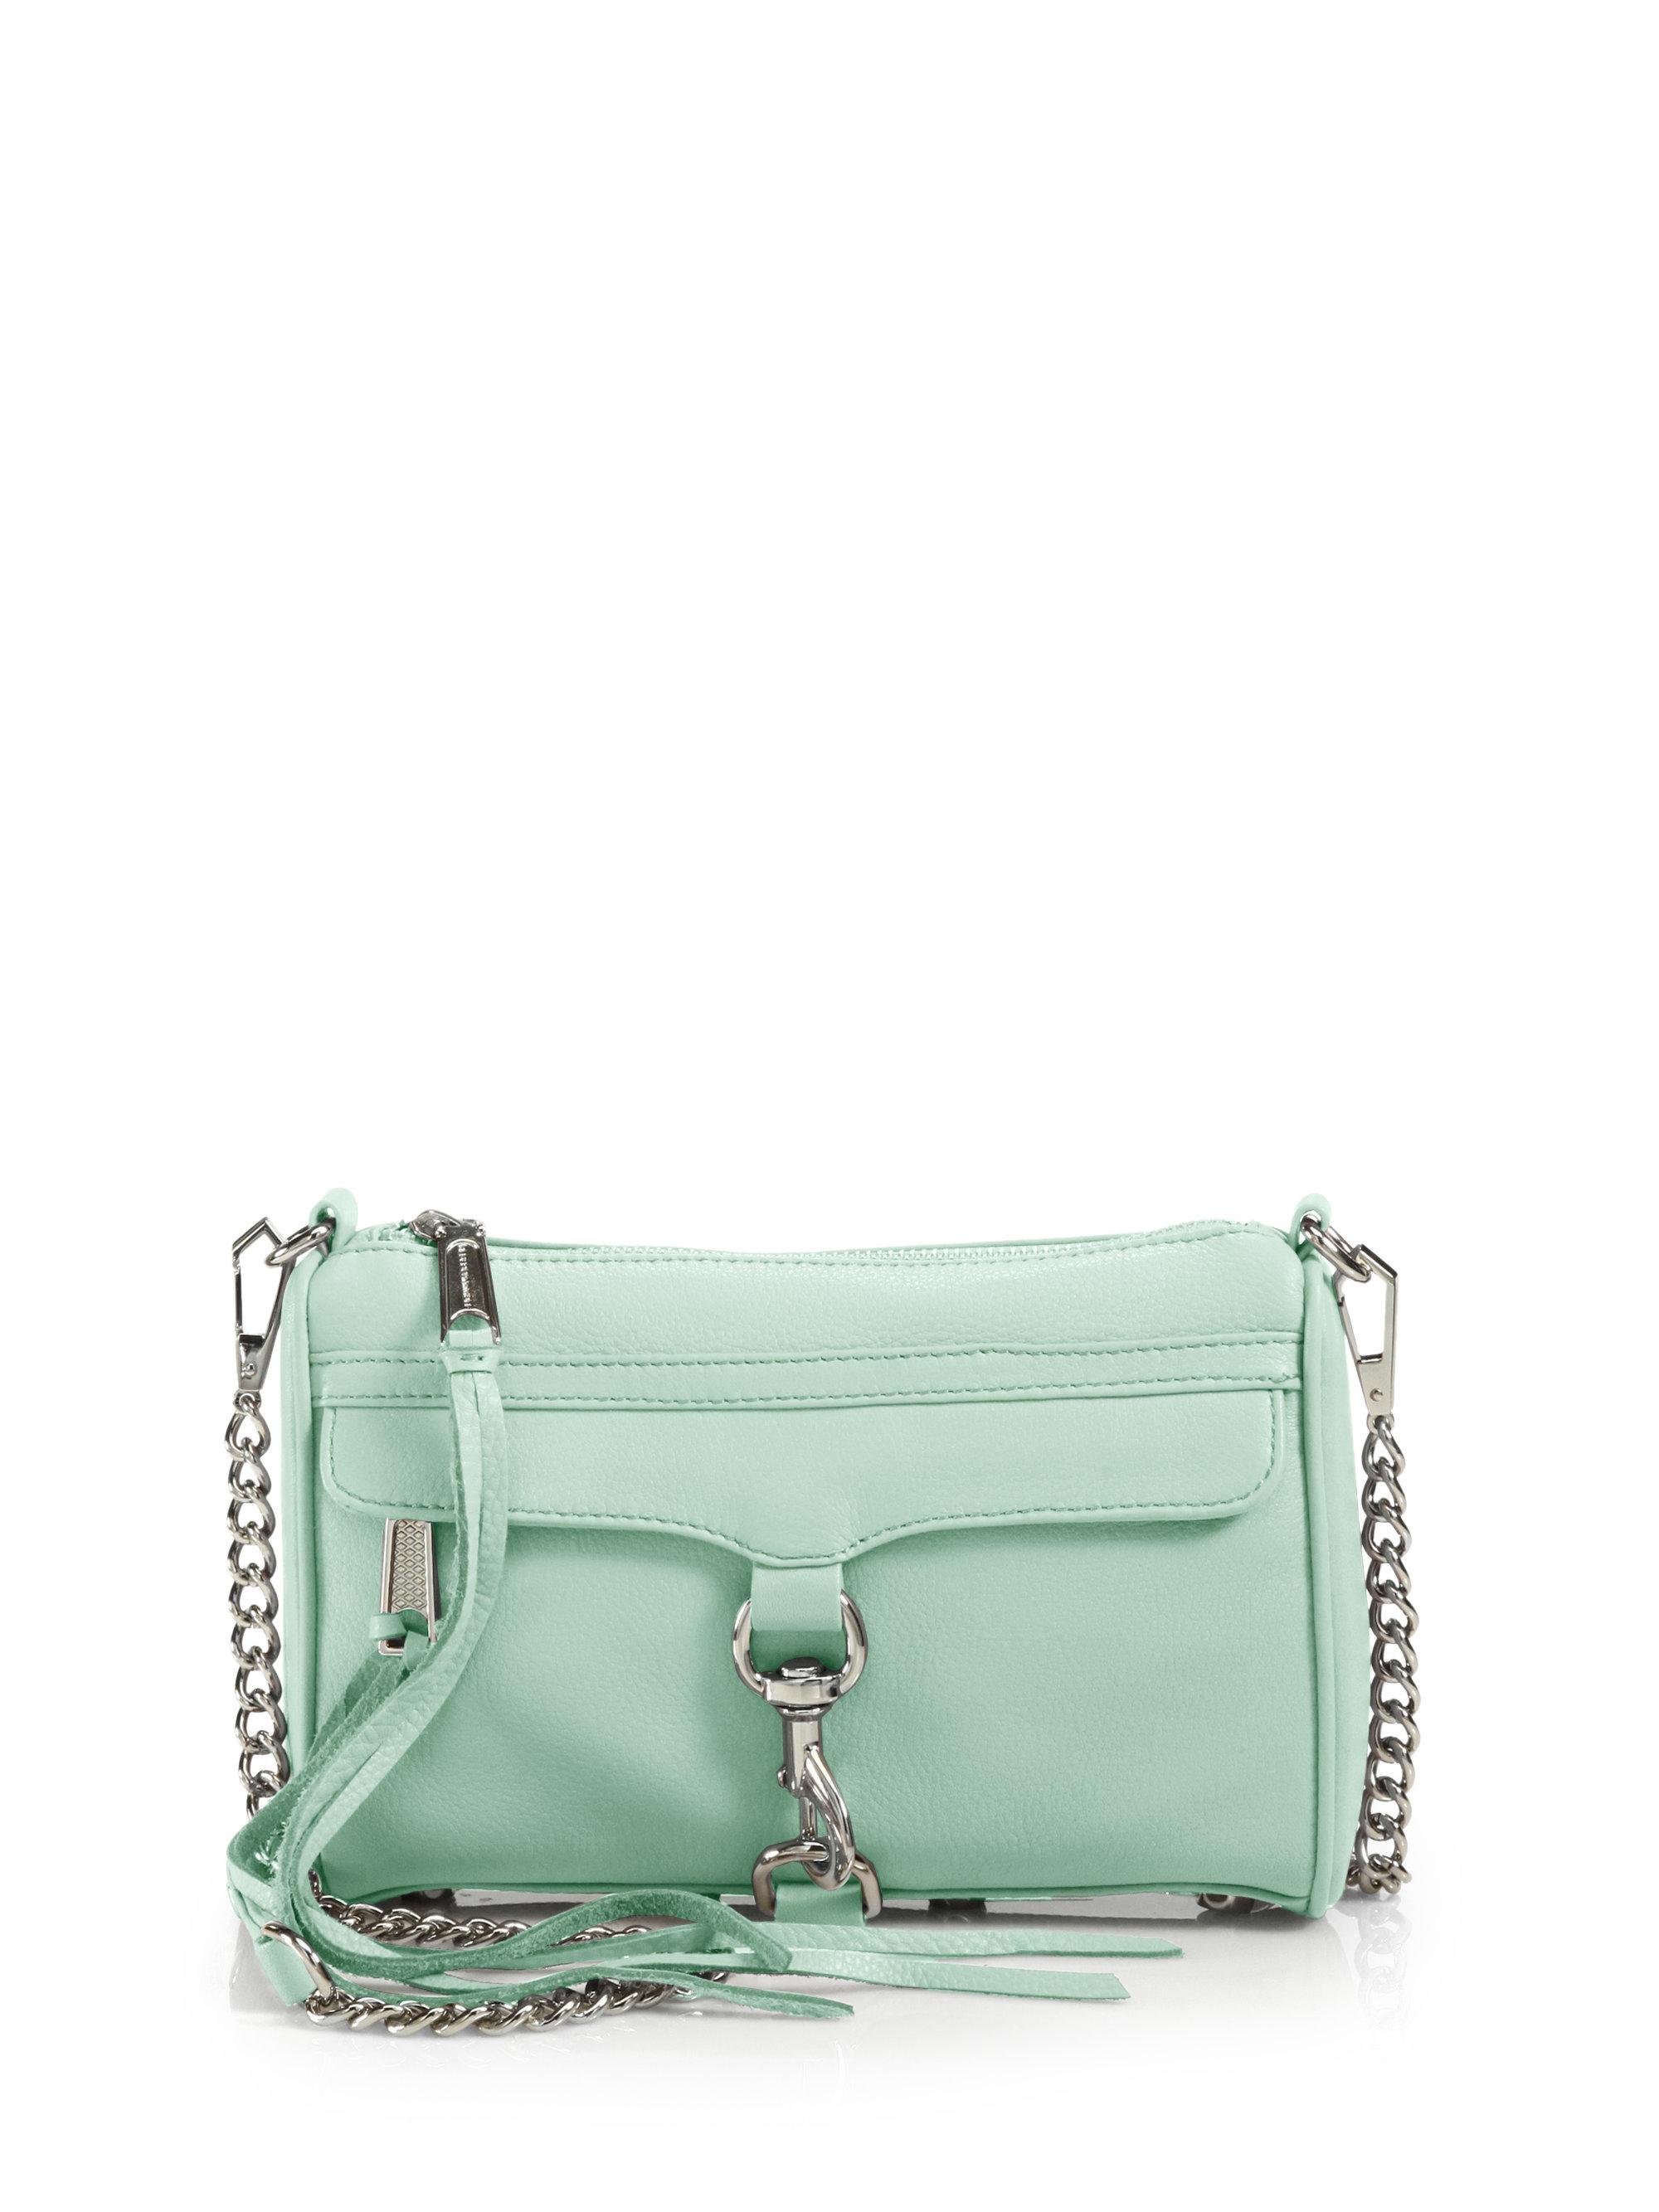 minkoff mini mac crossbody bag in green mint lyst